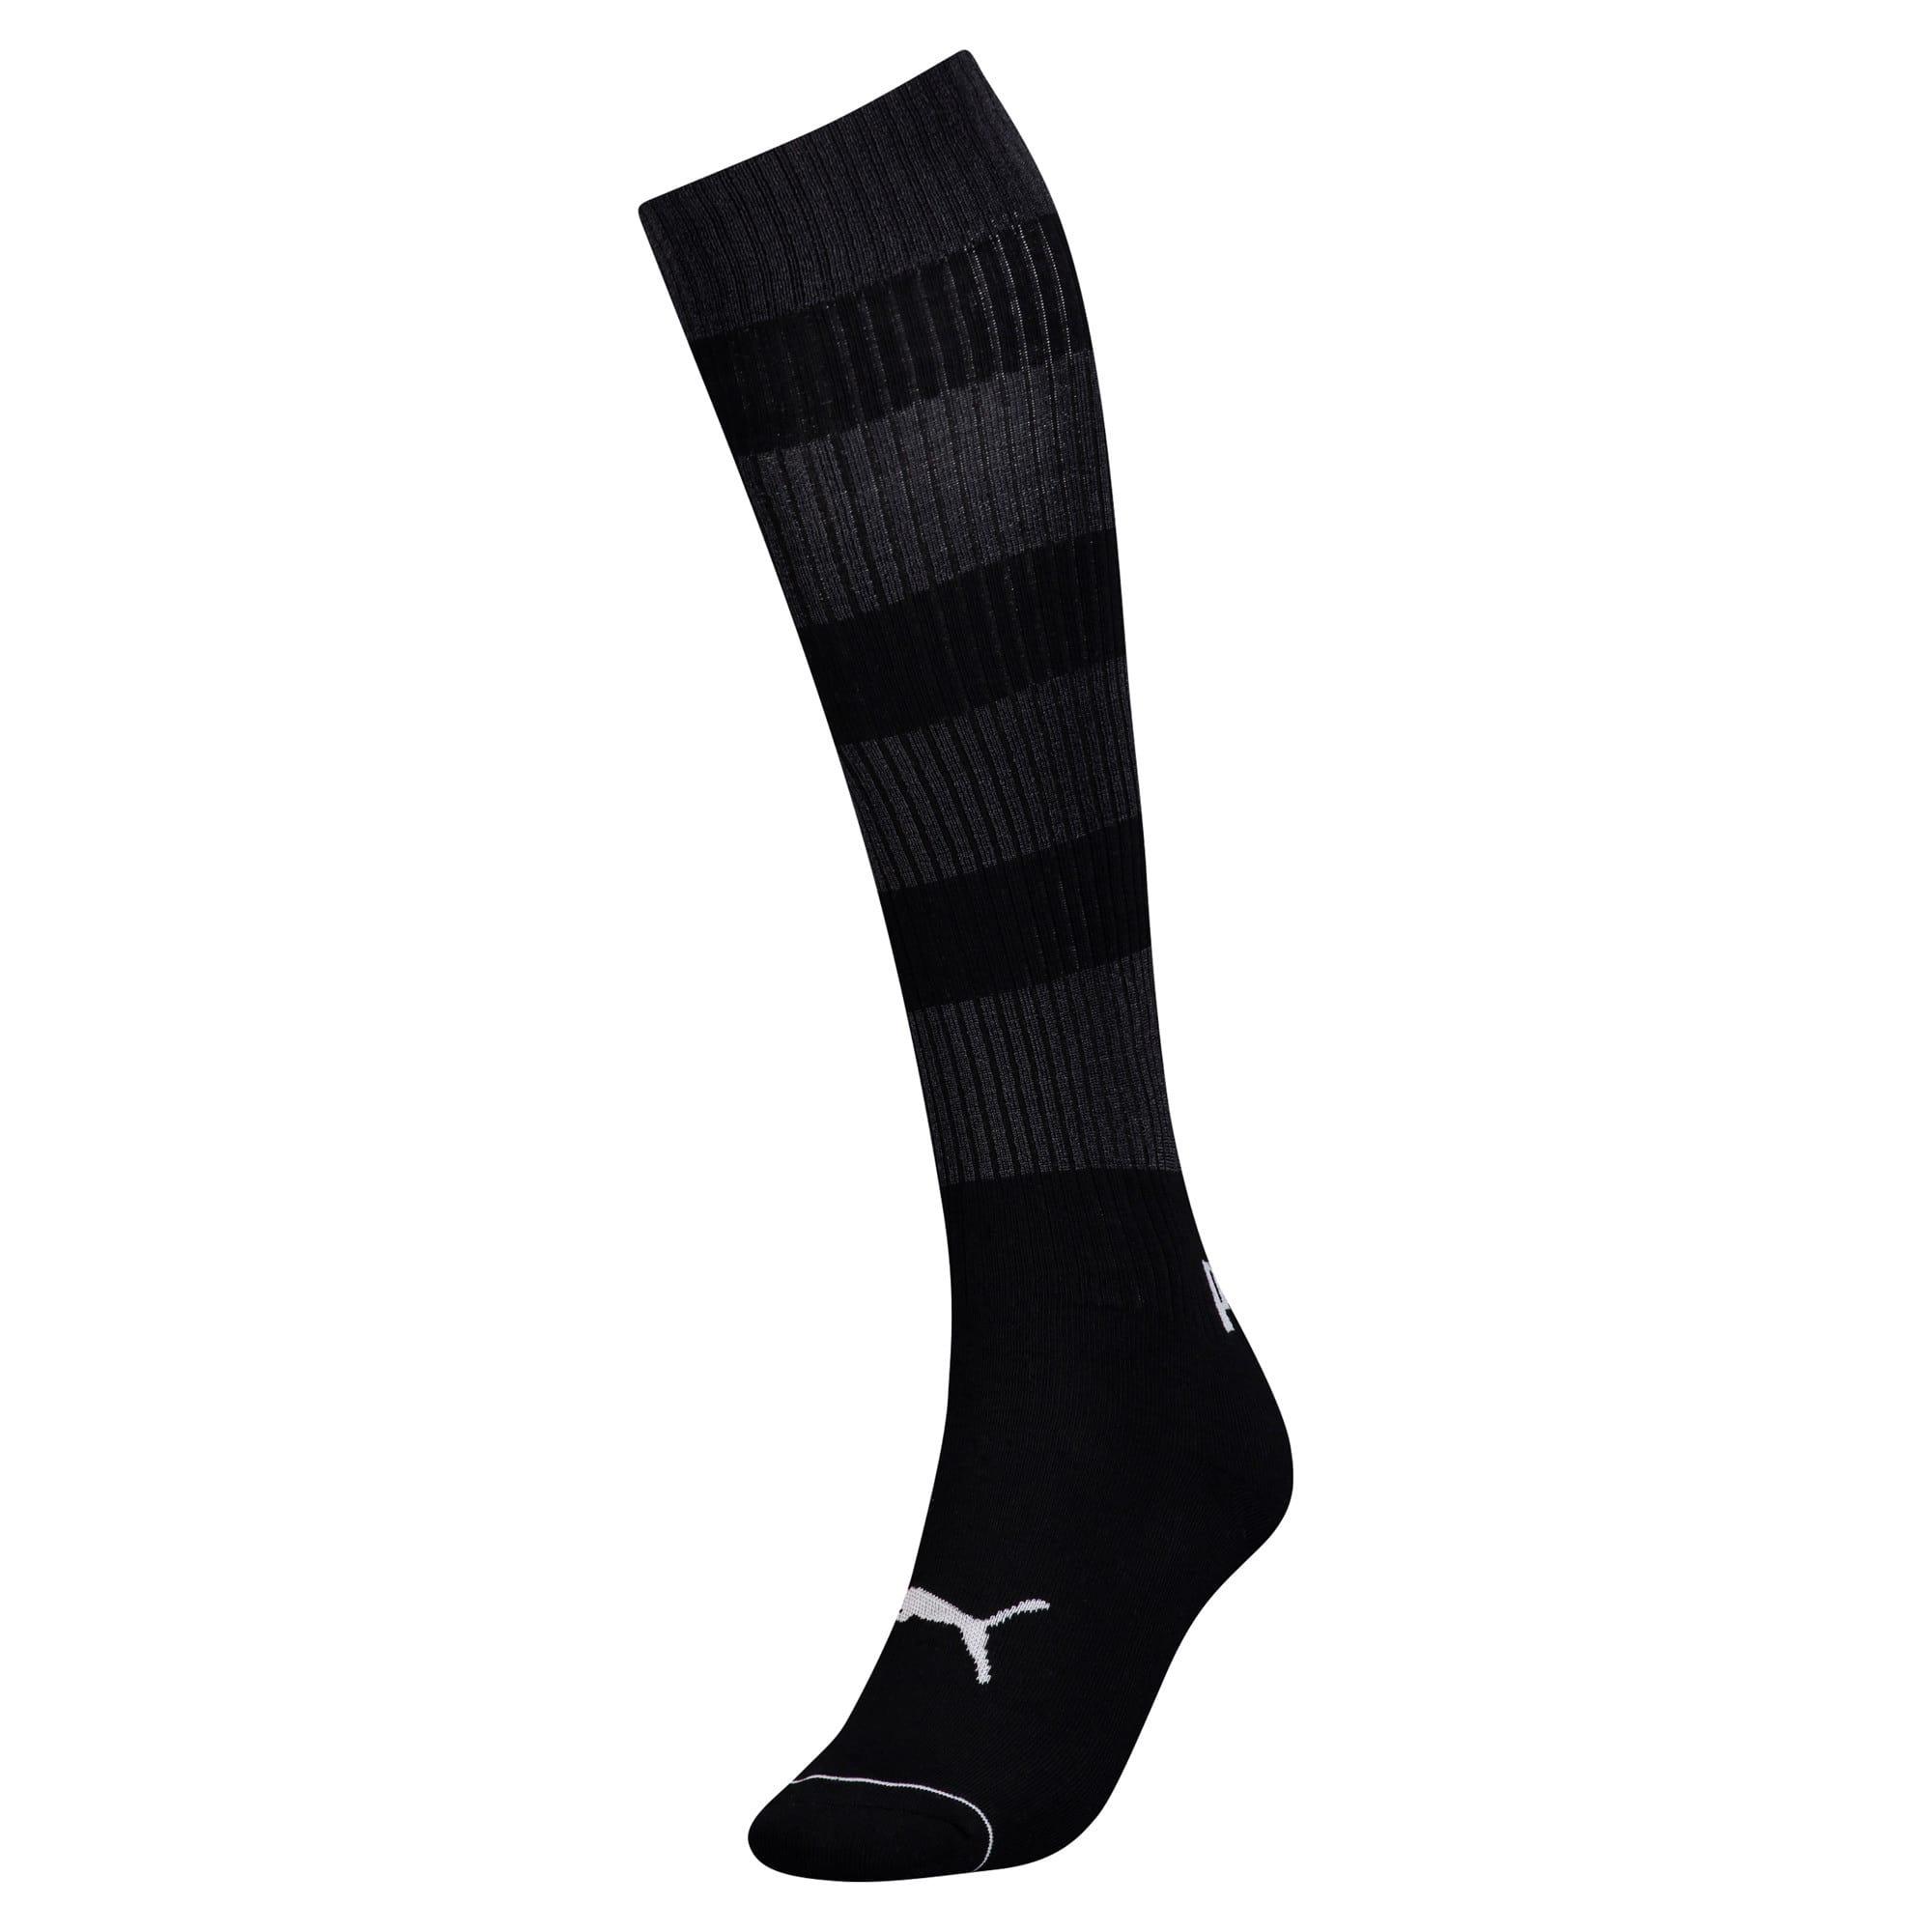 Thumbnail 1 of Radiant Women's Knee-High Socks, black, medium